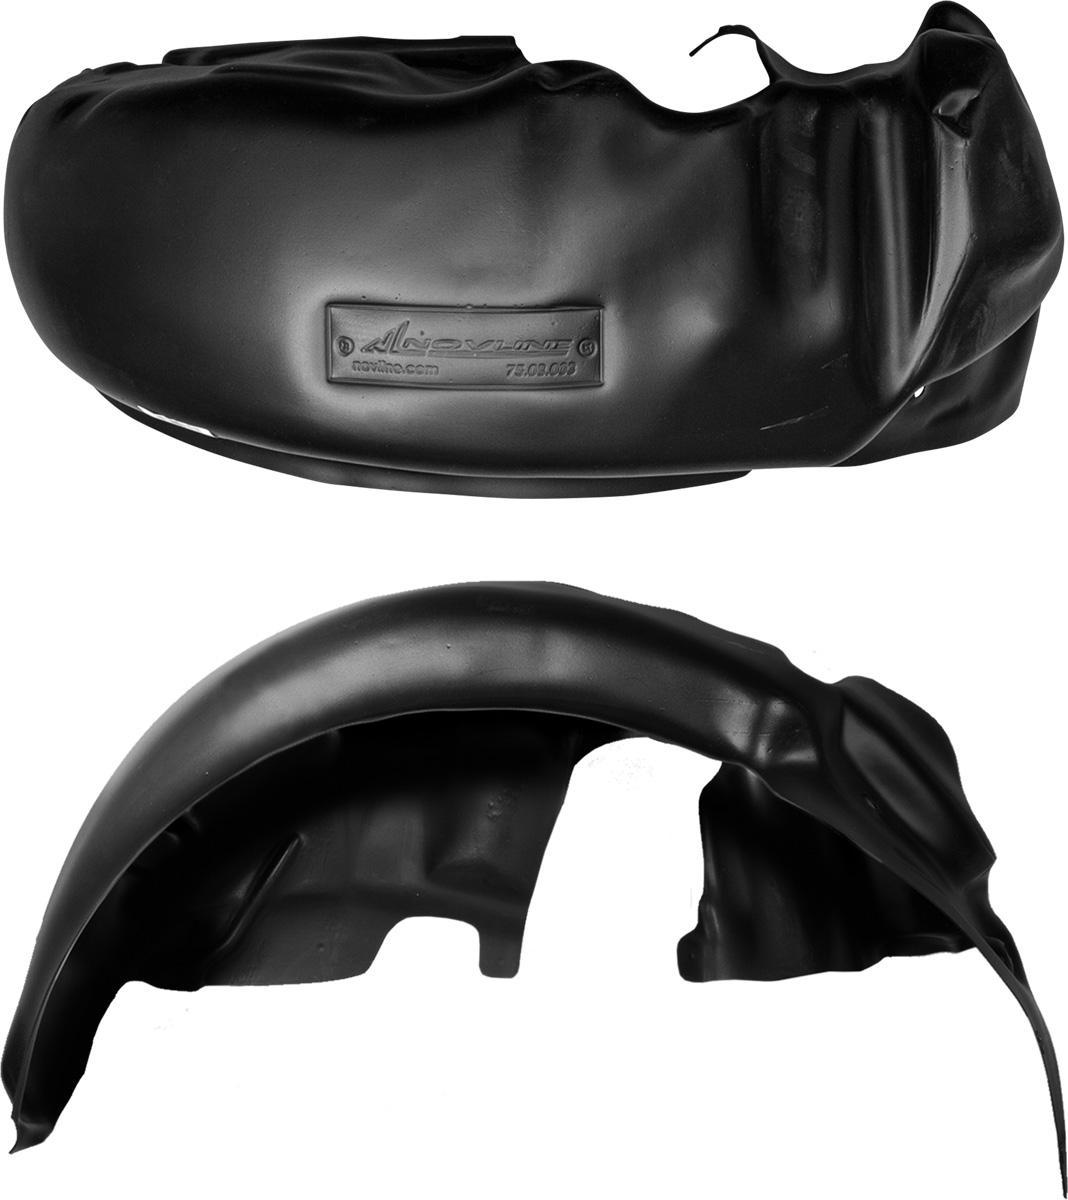 Подкрылок Novline-Autofamily, для Nissan Qashqai, 2007-2013, задний левый1004900000360Колесные ниши - одни из самых уязвимых зон днища вашего автомобиля. Они постоянно подвергаются воздействию со стороны дороги. Лучшая, почти абсолютная защита для них - специально отформованные пластиковые кожухи, которые называются подкрылками. Производятся они как для отечественных моделей автомобилей, так и для иномарок. Подкрылки Novline-Autofamily выполнены из высококачественного, экологически чистого пластика. Обеспечивают надежную защиту кузова автомобиля от пескоструйного эффекта и негативного влияния, агрессивных антигололедных реагентов. Пластик обладает более низкой теплопроводностью, чем металл, поэтому в зимний период эксплуатации использование пластиковых подкрылков позволяет лучше защитить колесные ниши от налипания снега и образования наледи. Оригинальность конструкции подчеркивает элегантность автомобиля, бережно защищает нанесенное на днище кузова антикоррозийное покрытие и позволяет осуществить крепление подкрылков внутри колесной арки практически без дополнительного крепежа и сверления, не нарушая при этом лакокрасочного покрытия, что предотвращает возникновение новых очагов коррозии. Подкрылки долговечны, обладают высокой прочностью и сохраняют заданную форму, а также все свои физико-механические характеристики в самых тяжелых климатических условиях (от -50°С до +50°С).Уважаемые клиенты!Обращаем ваше внимание, на тот факт, что подкрылок имеет форму, соответствующую модели данного автомобиля. Фото служит для визуального восприятия товара.